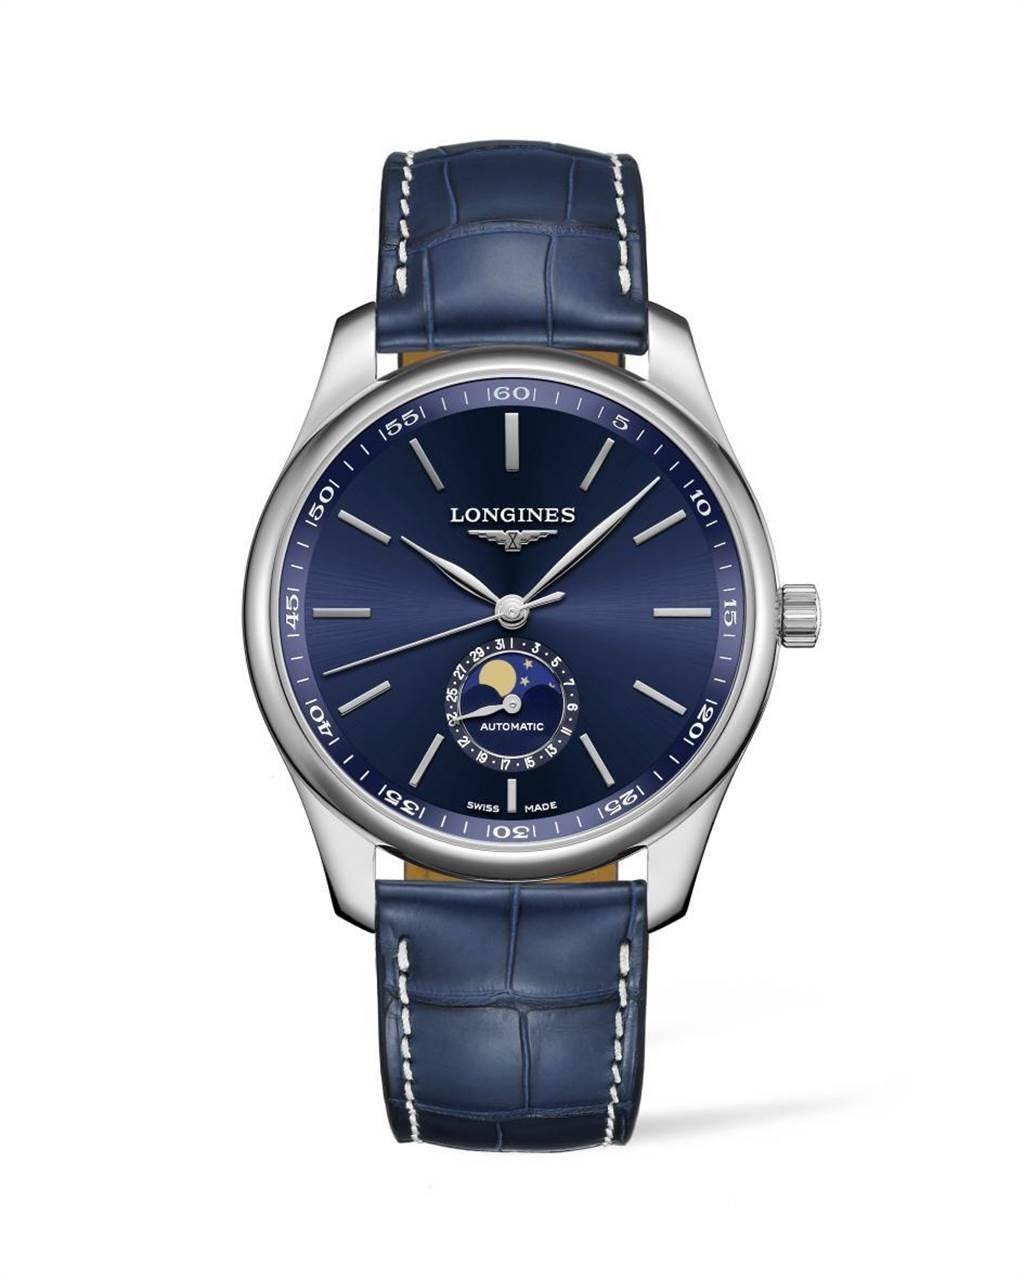 浪琴表Master巨擘系列藍色面盤月相腕表,7萬8800元。(Longines提供)